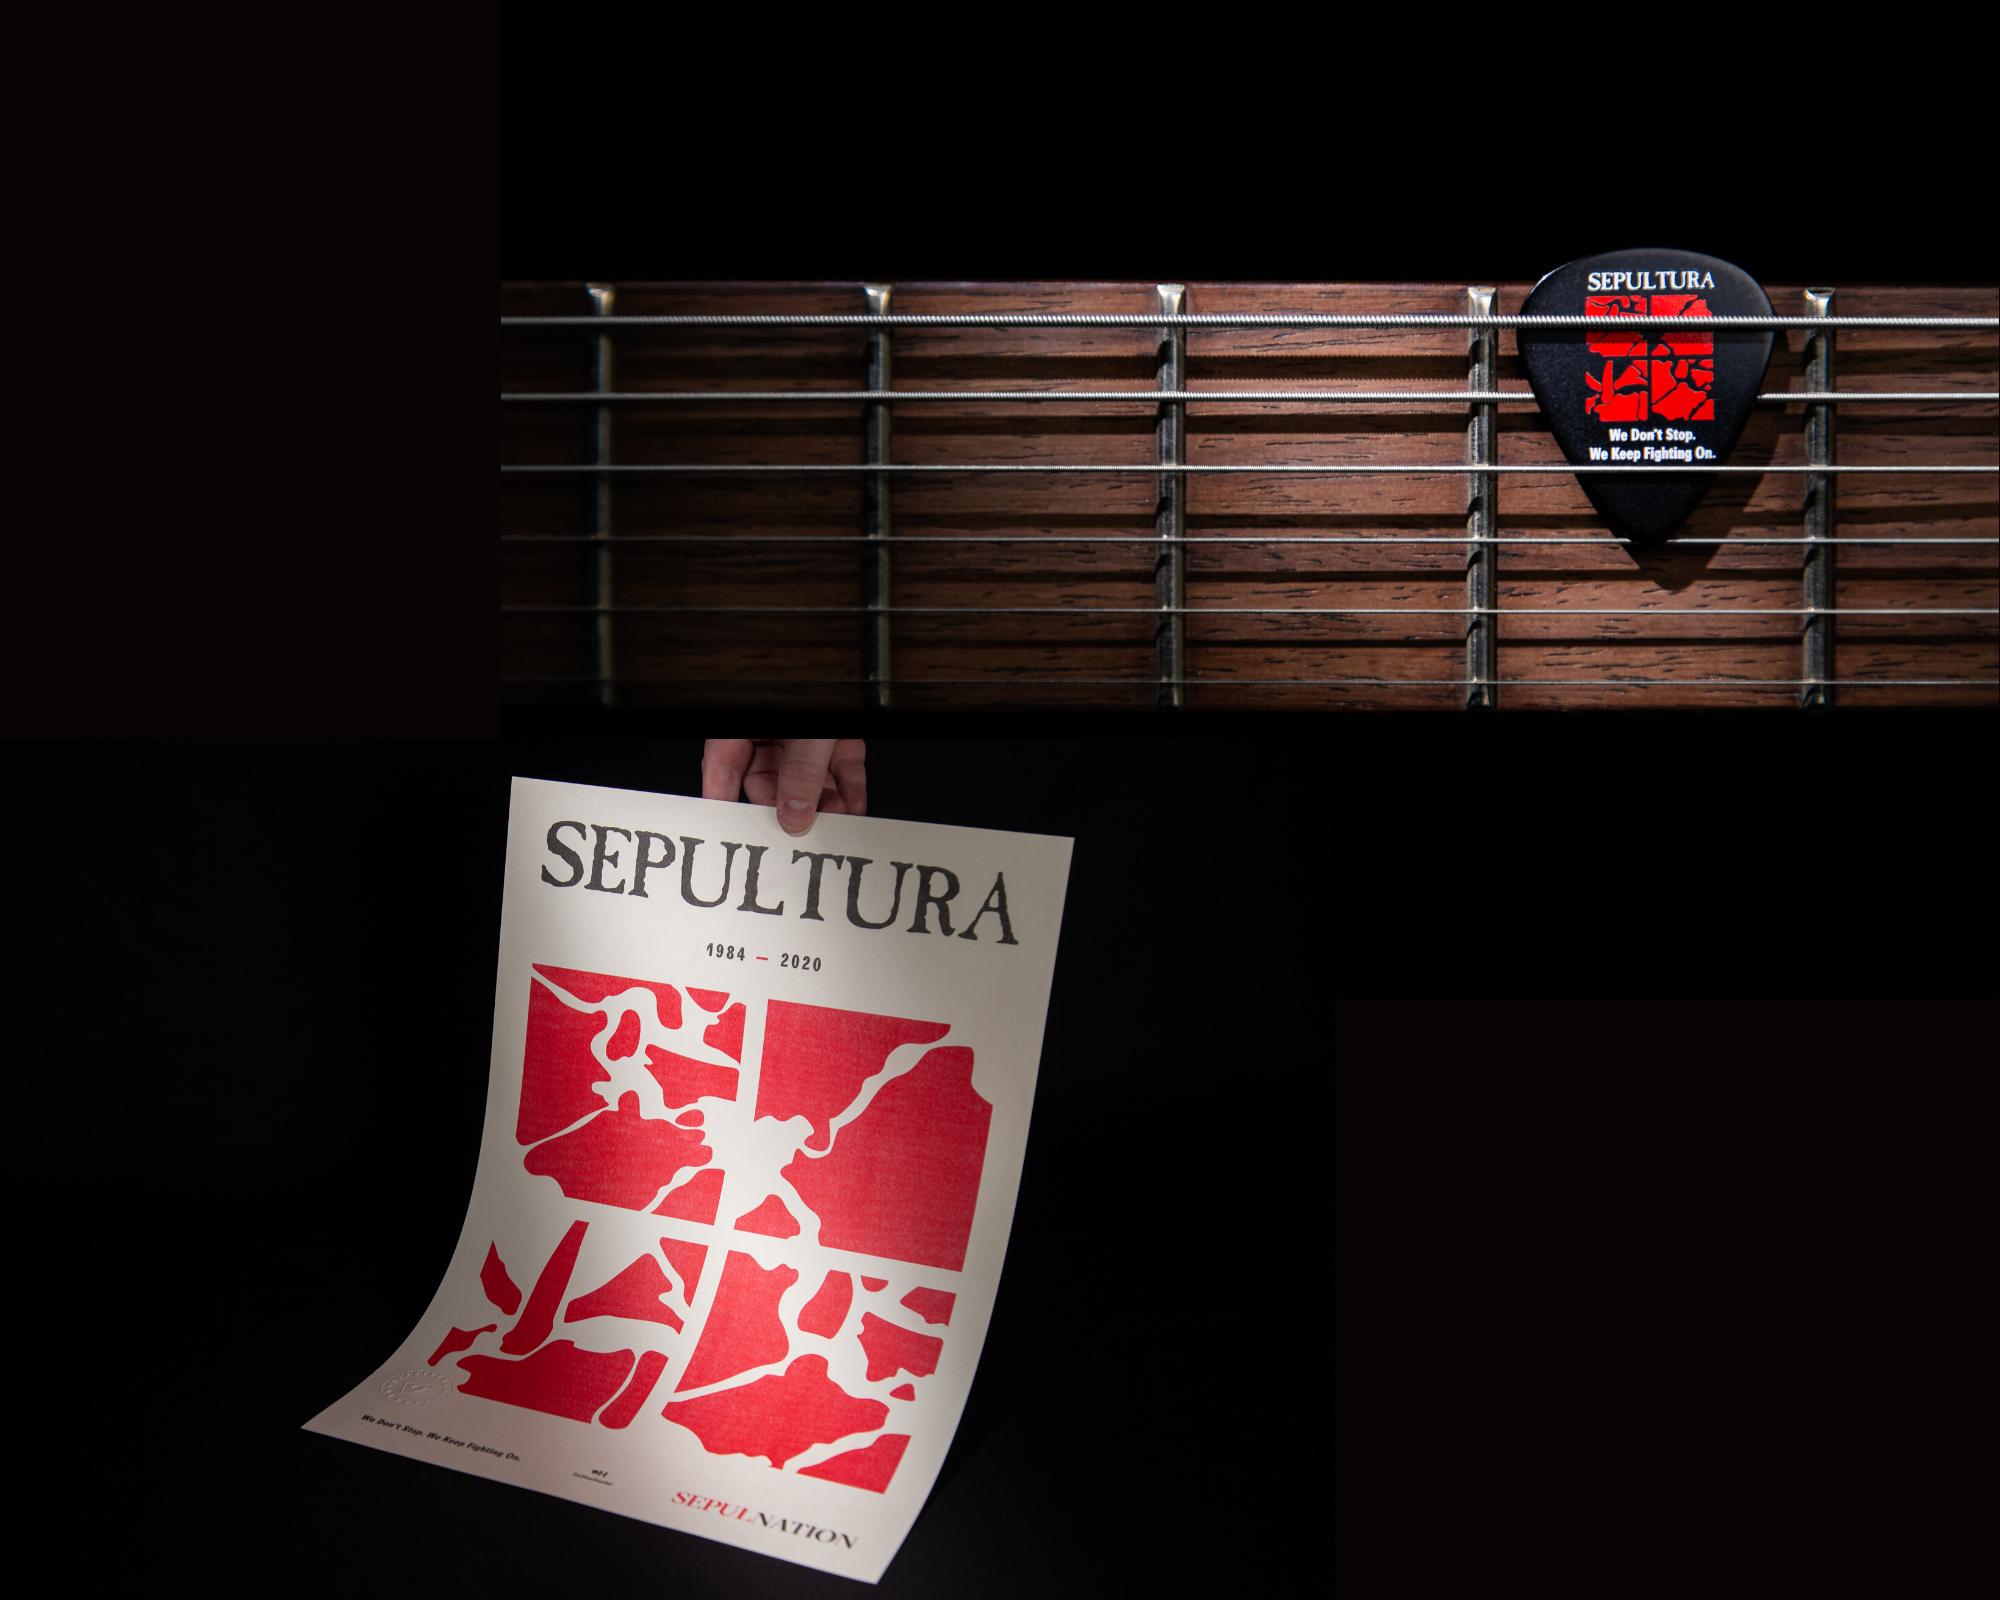 Café especial do Sepultura: o pôster e a palheta especiais para o projeto